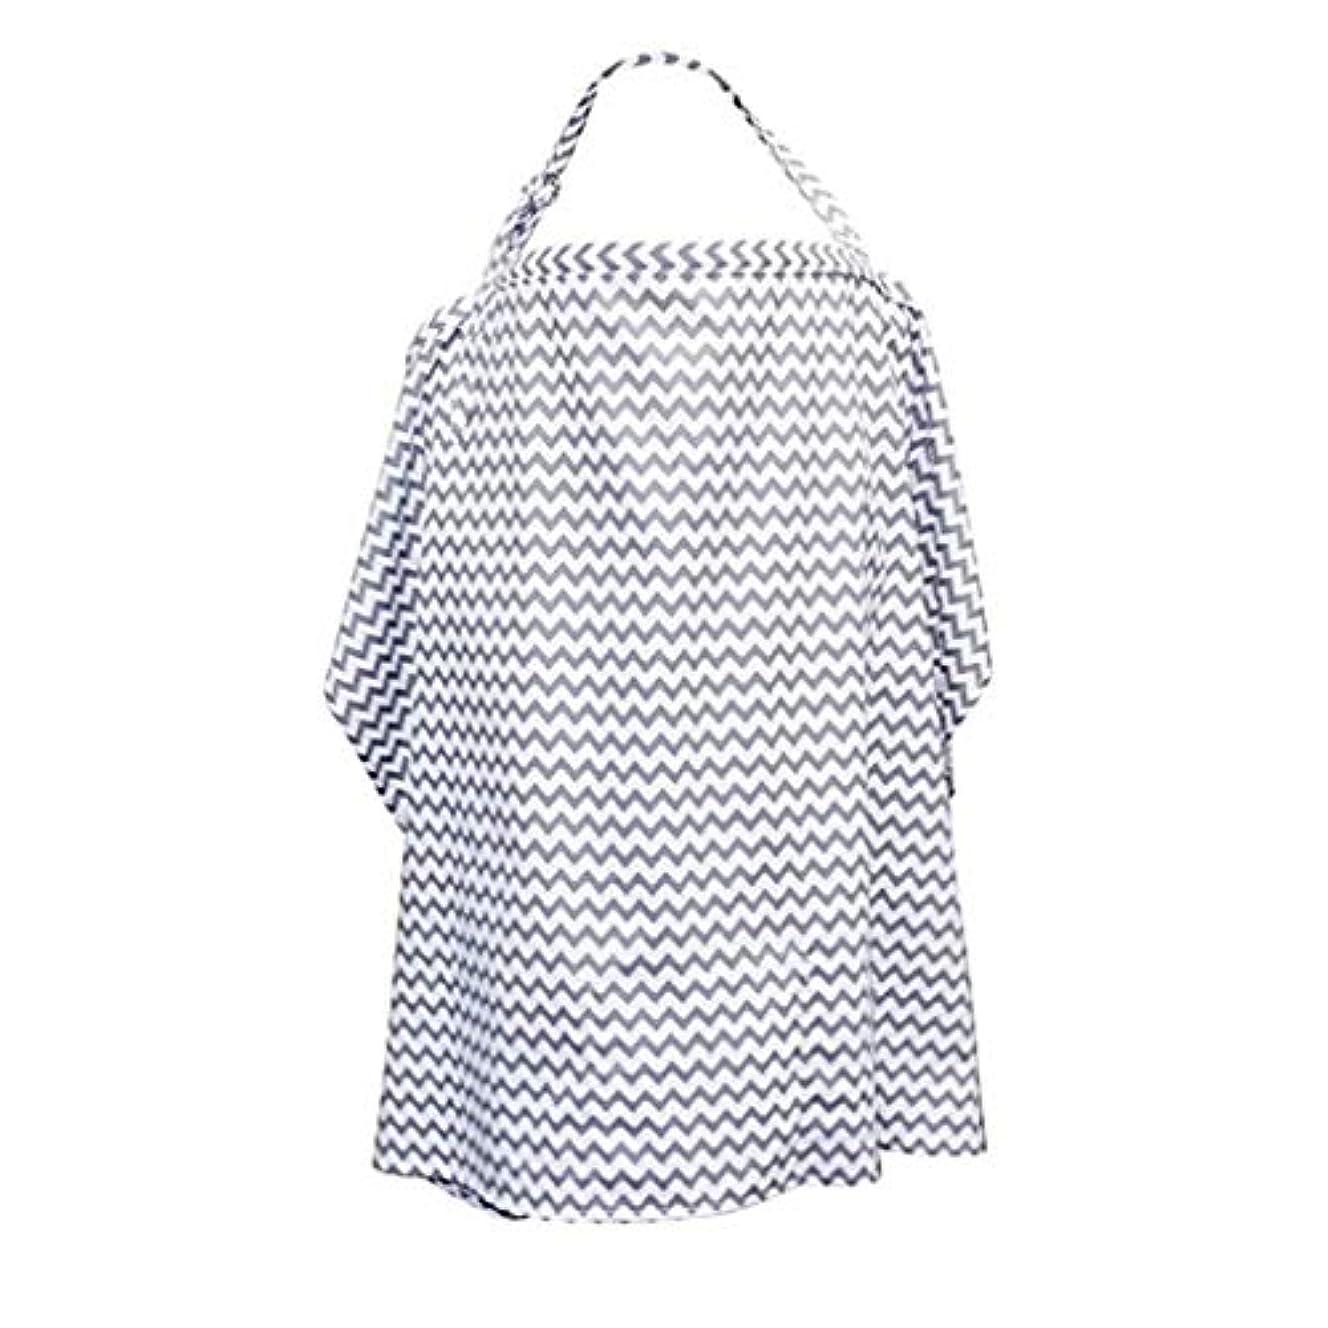 胃代表するロマンチック調節可能なストラップ付き母乳育児カバー - 100%プレミアムコットンベースの看護カバー - 屋外給餌赤ちゃん看護布 - 収納バッグ&タオルコーナー (グレー)